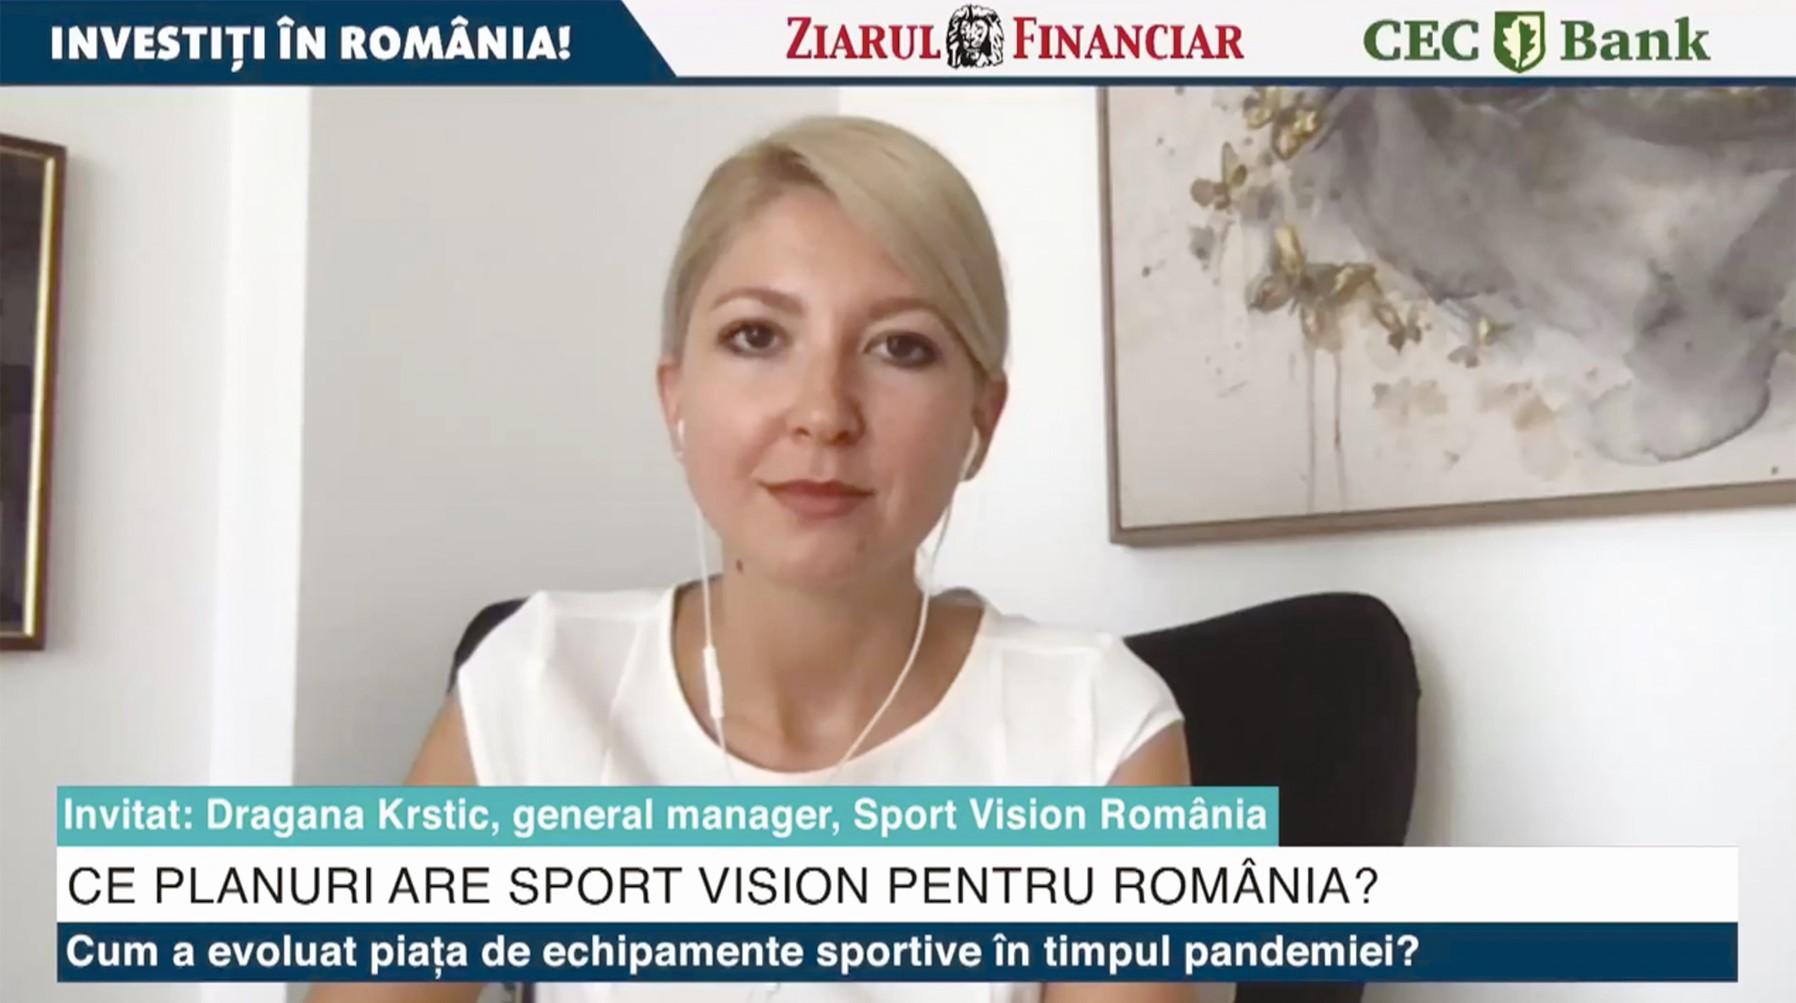 ZF Investiţi în România! Dragana Krstic, Sport Vision România: Am deschis  încă 4 magazine în ultimele luni şi continuăm extinderea. Vrem să ajungem  la 50 de locaţii în 2022